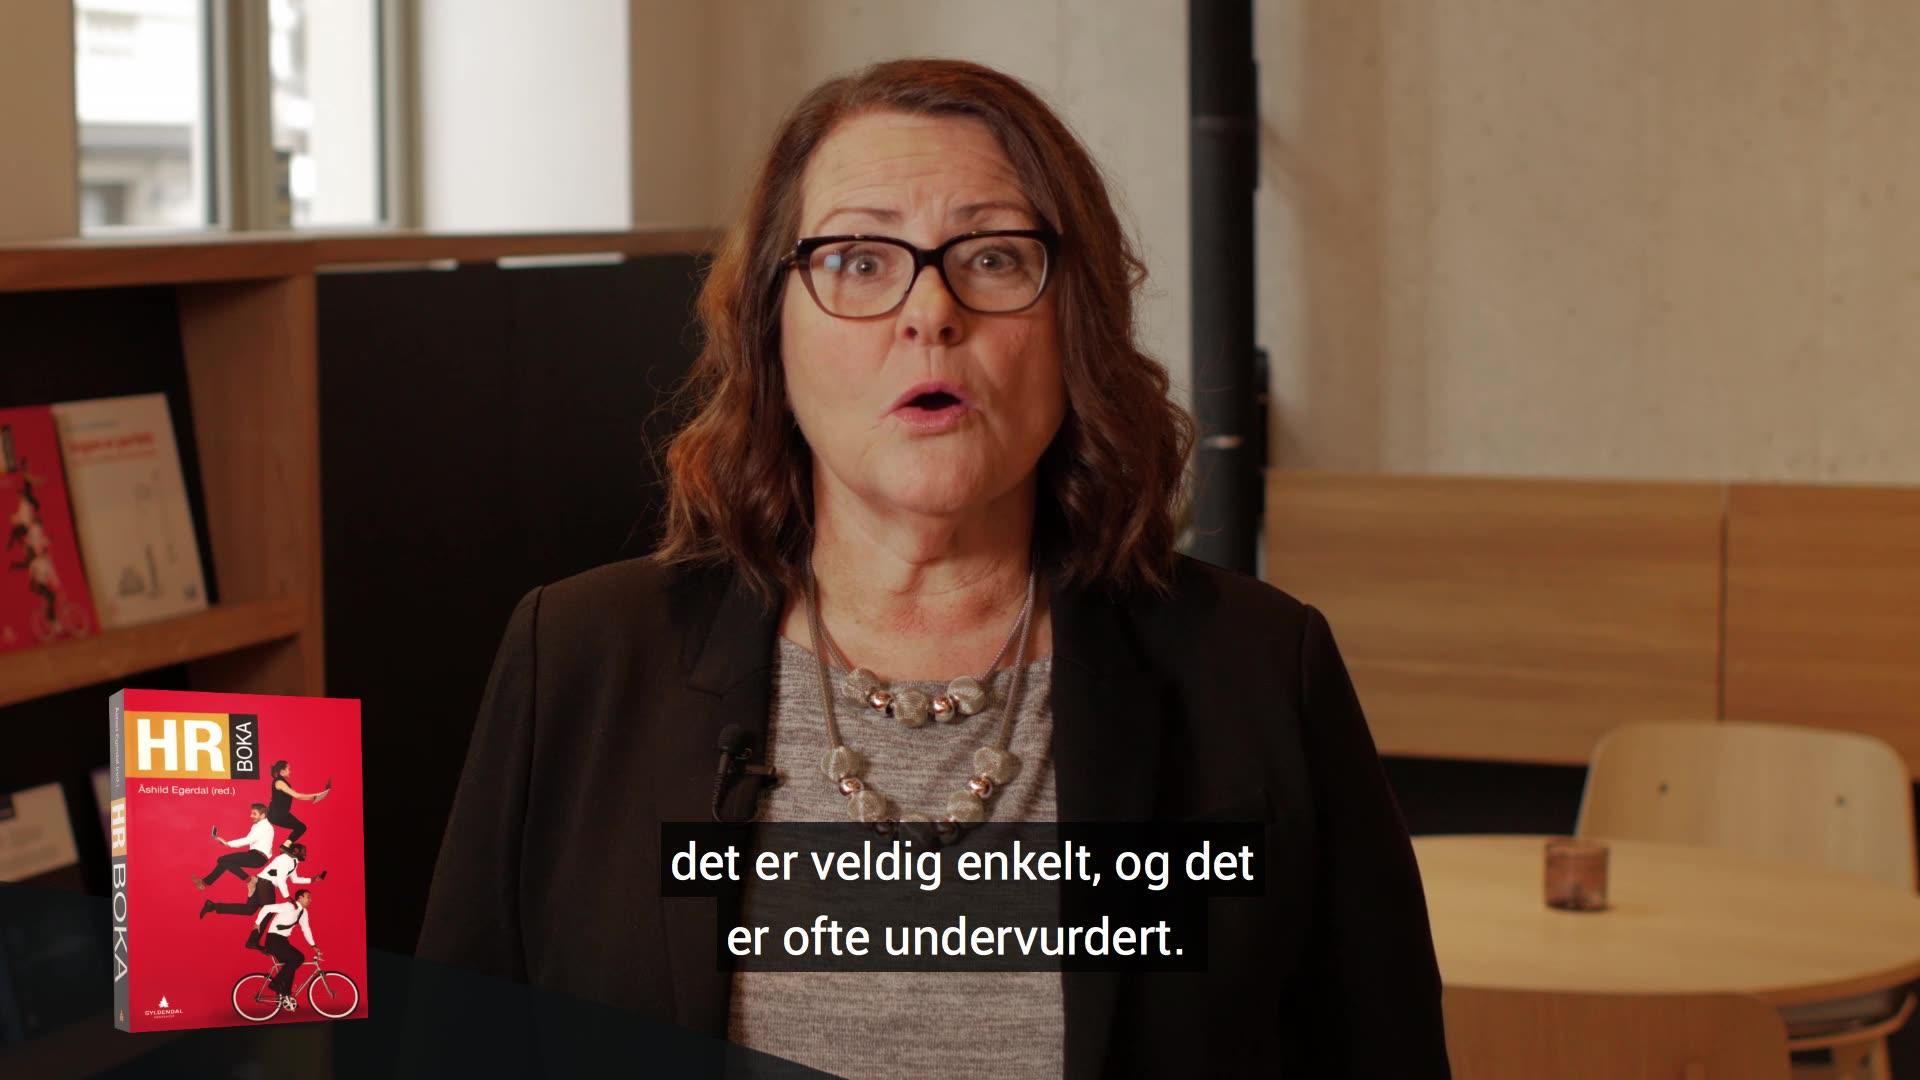 HR boka, Åshild Egerdal